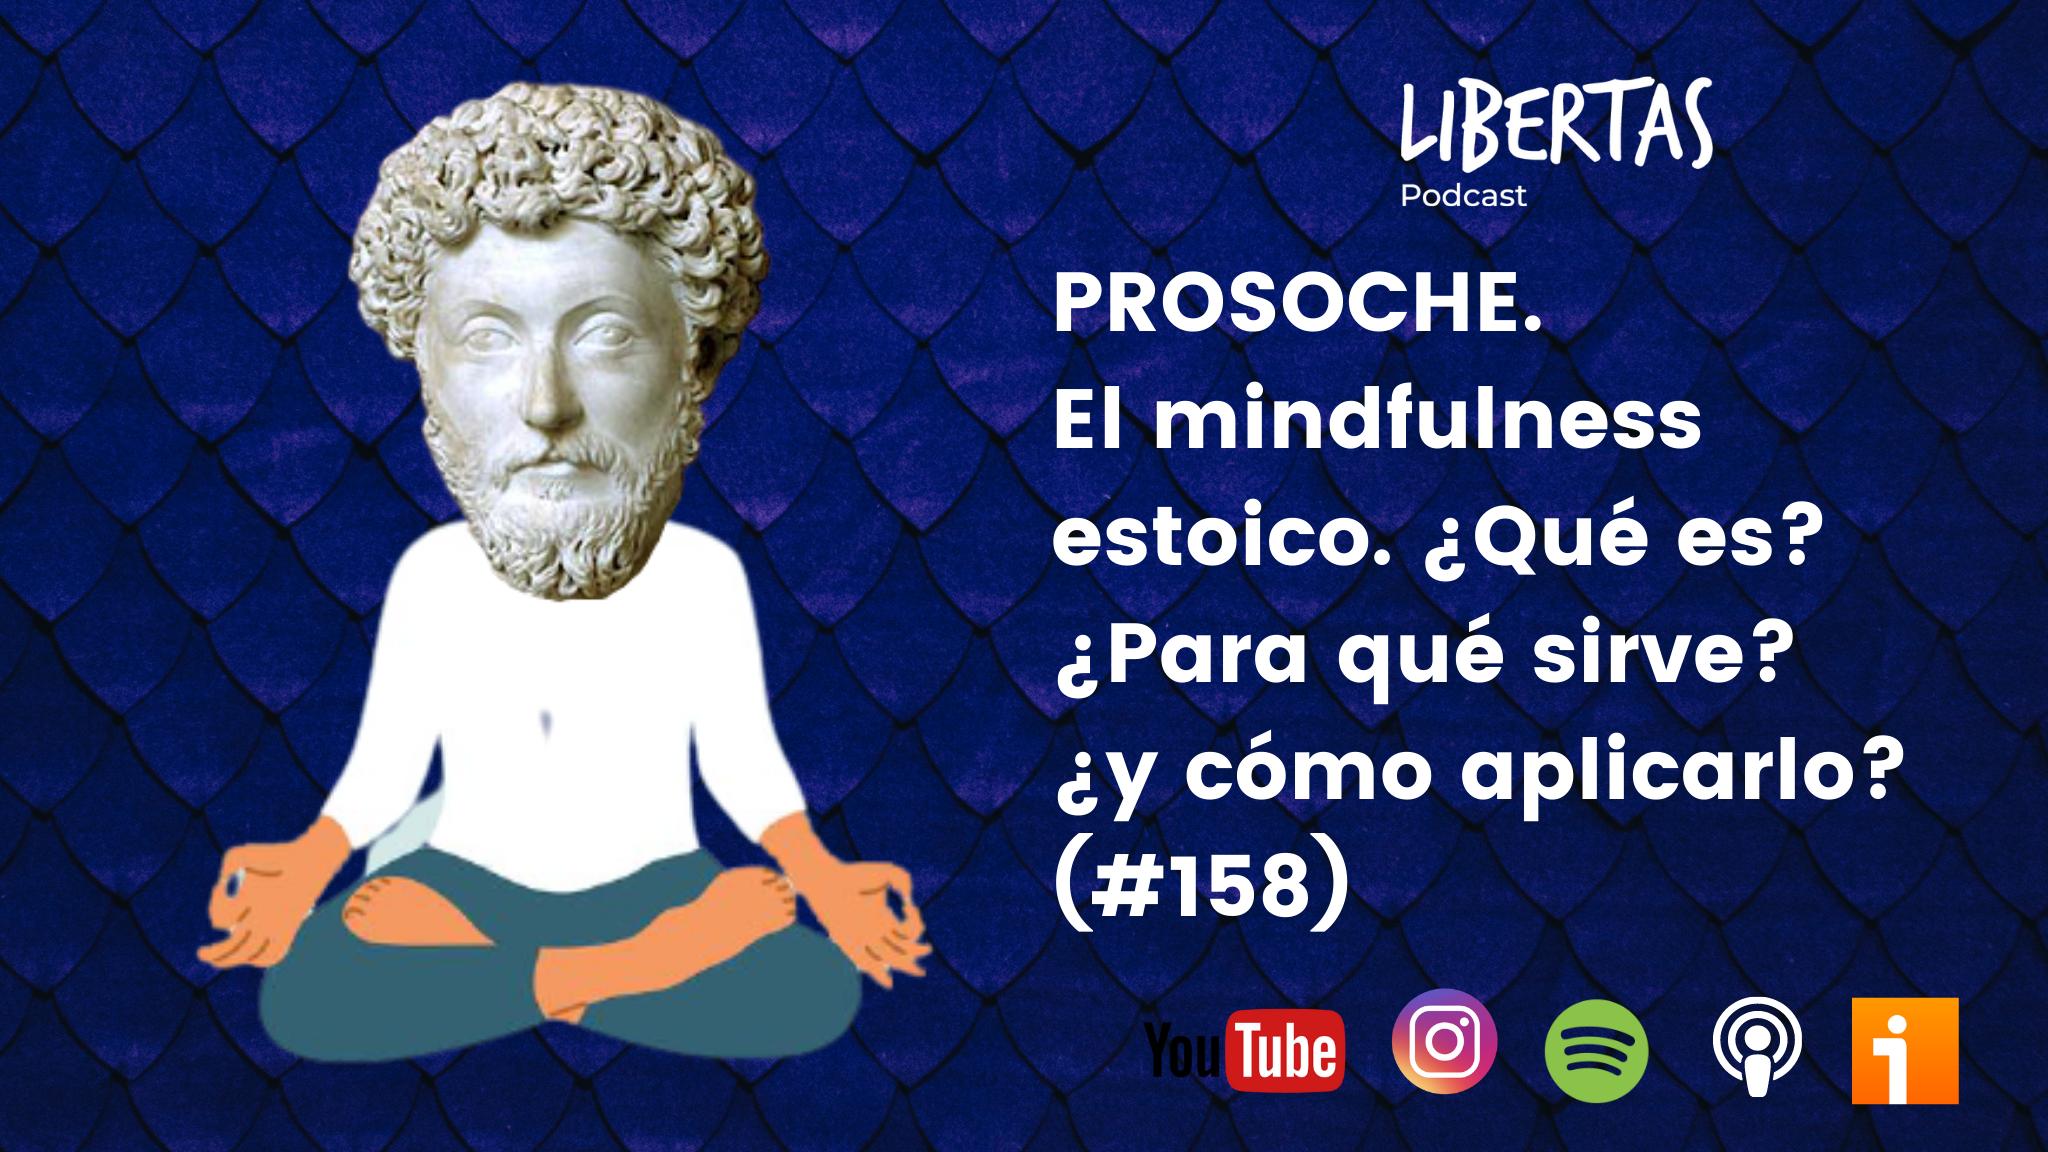 Las 4 virtudes que forman al ciudadano relevante, útil y perfecto. Virtudes morales o cardinales. (#159) - agustinblanco.com